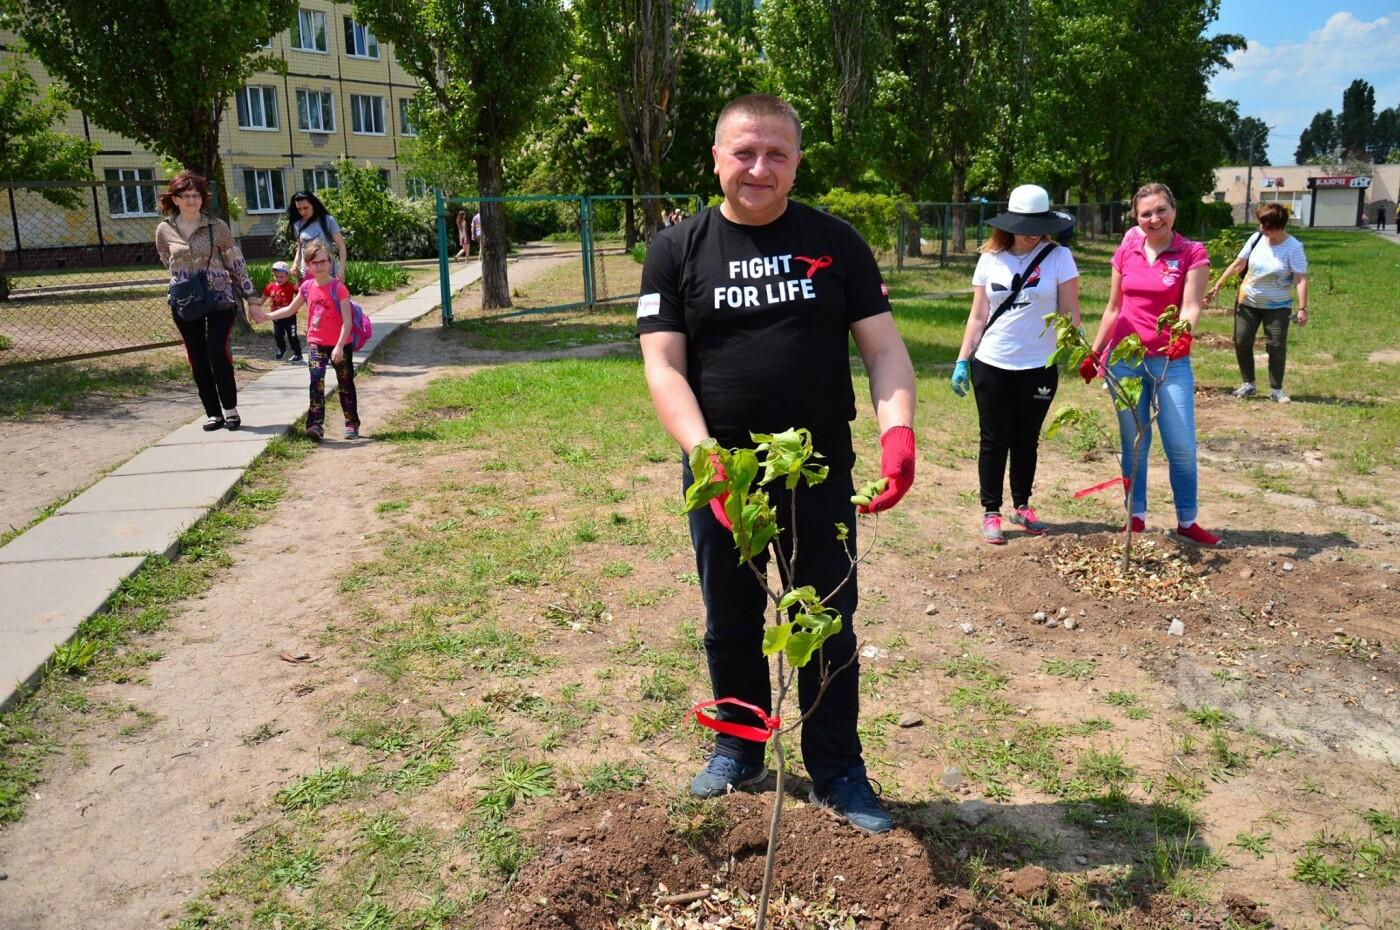 В Кривом Роге появился живой памятник людям, которые умерли из-за СПИДа, - ФОТО , фото-3